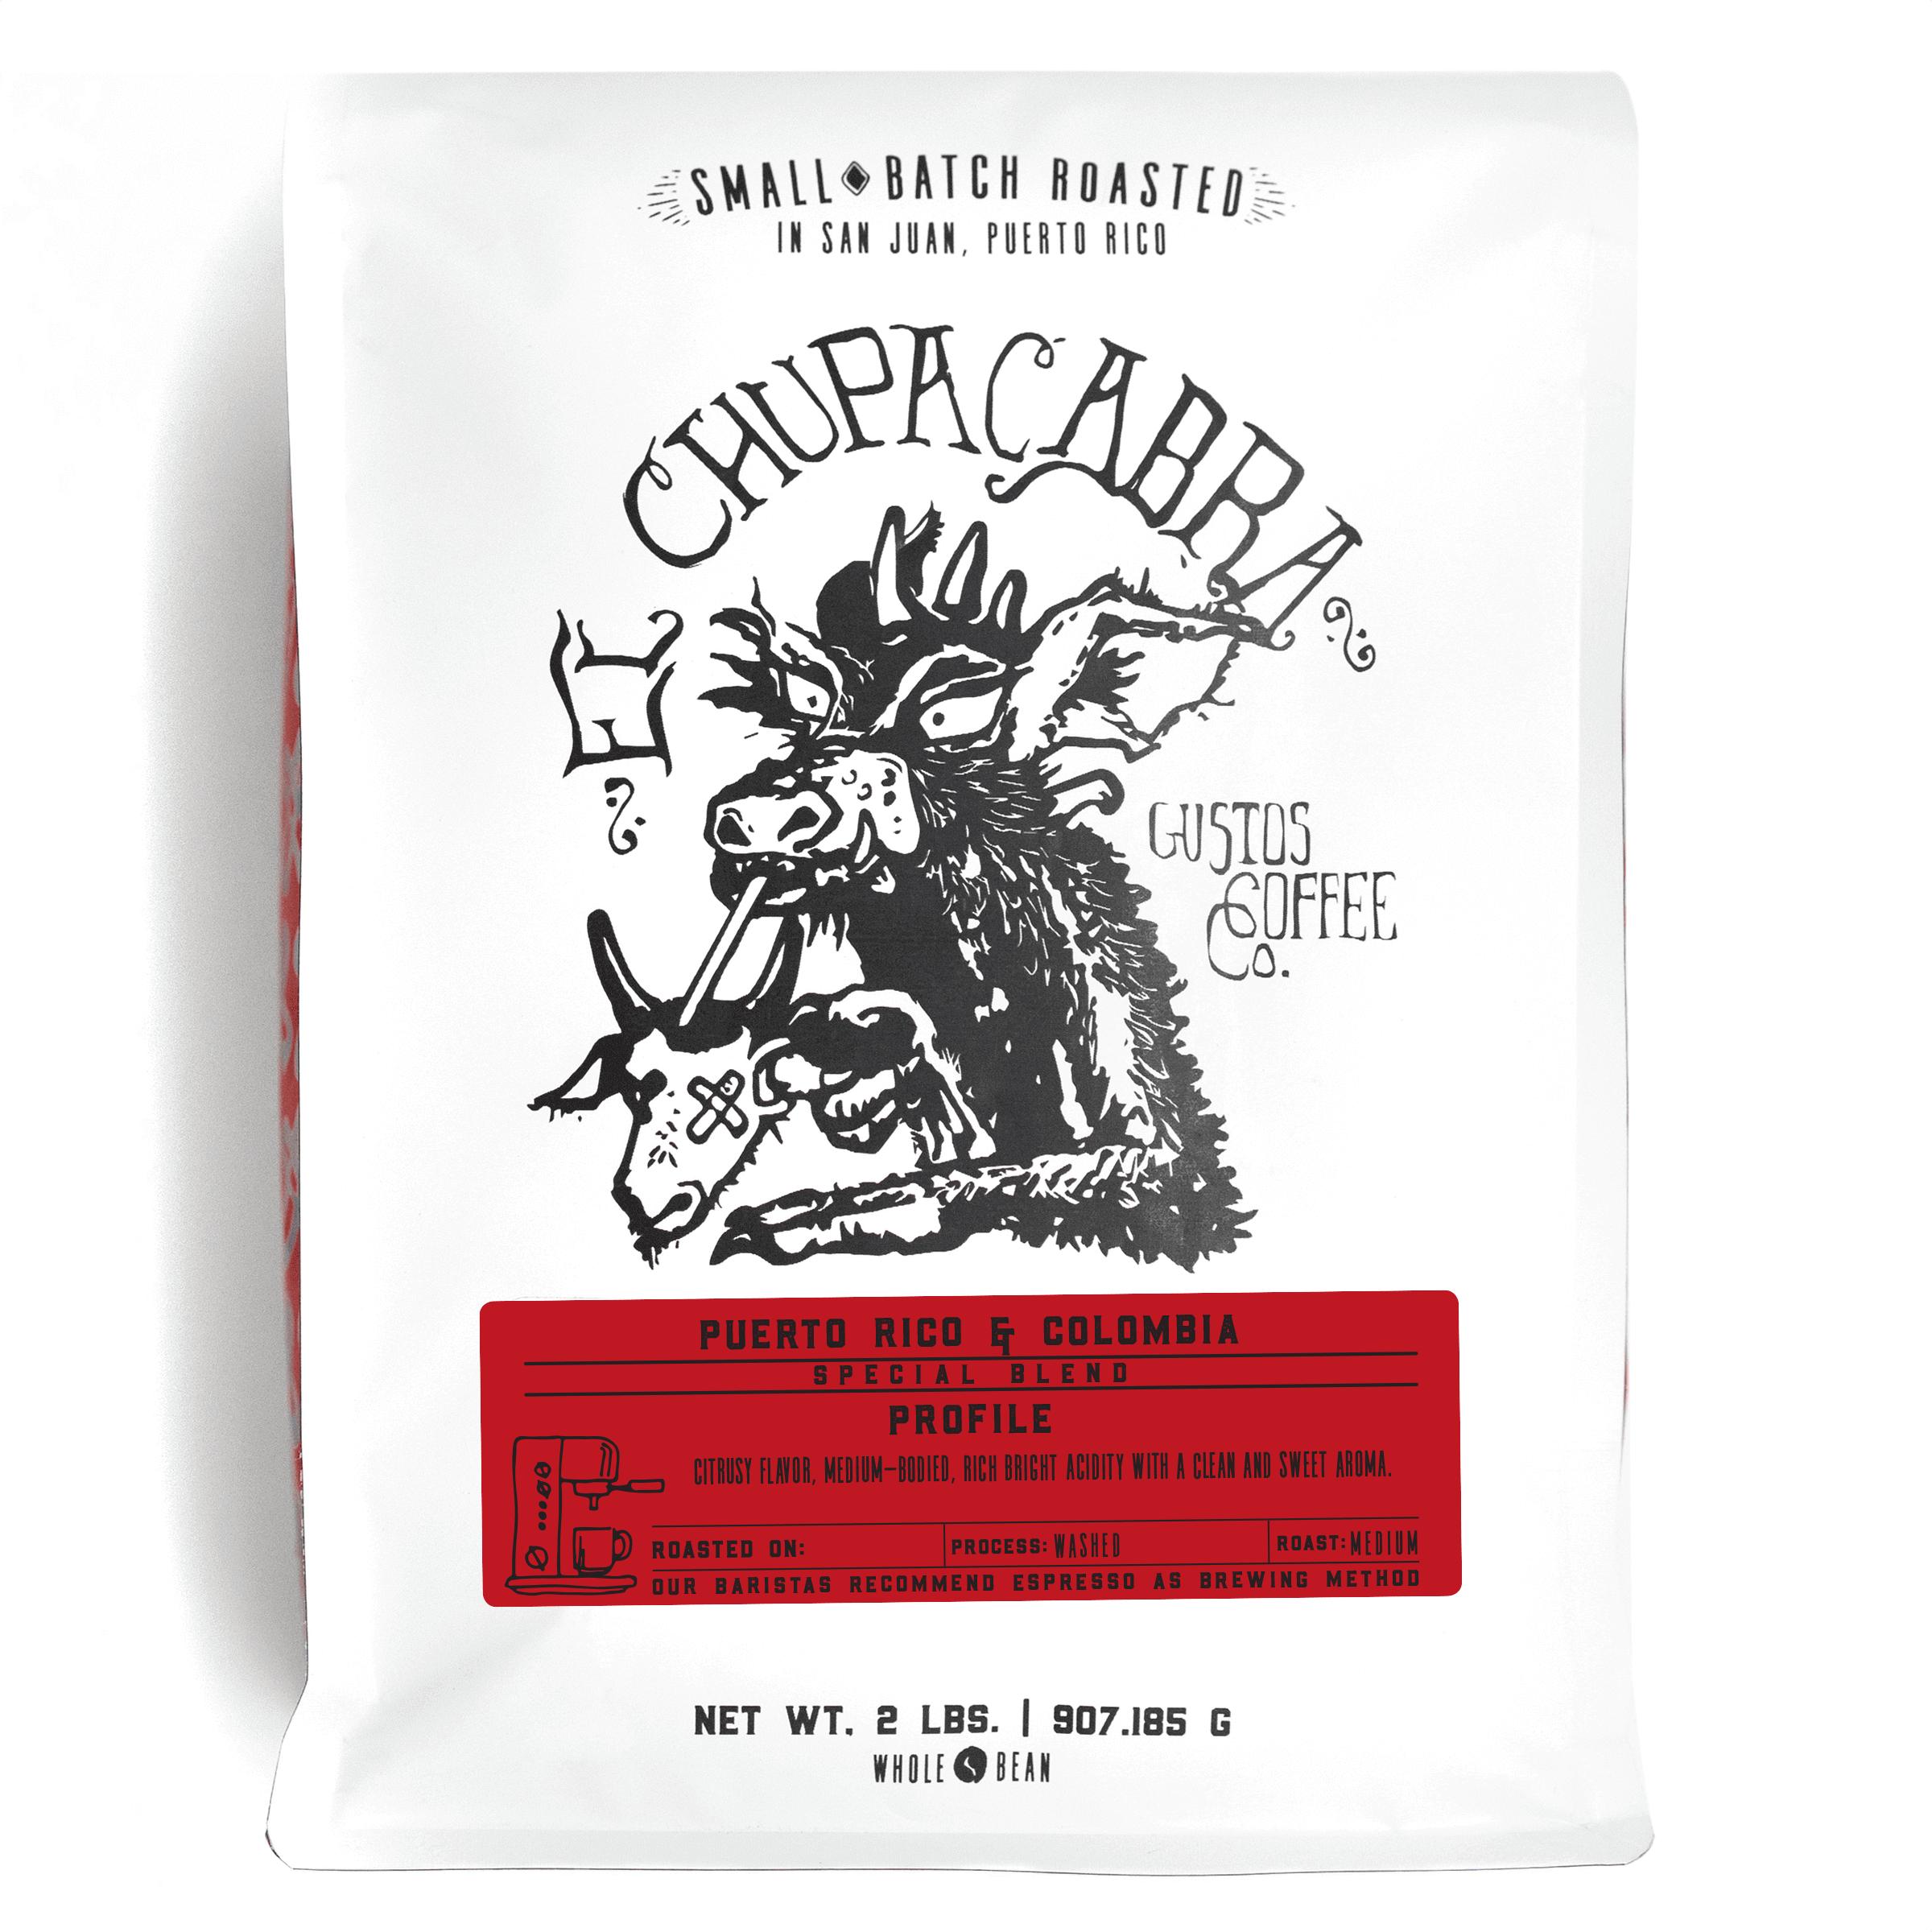 Gustos El Chupacabra Café 2lbs Whole Bean Puerto Rico Colombia